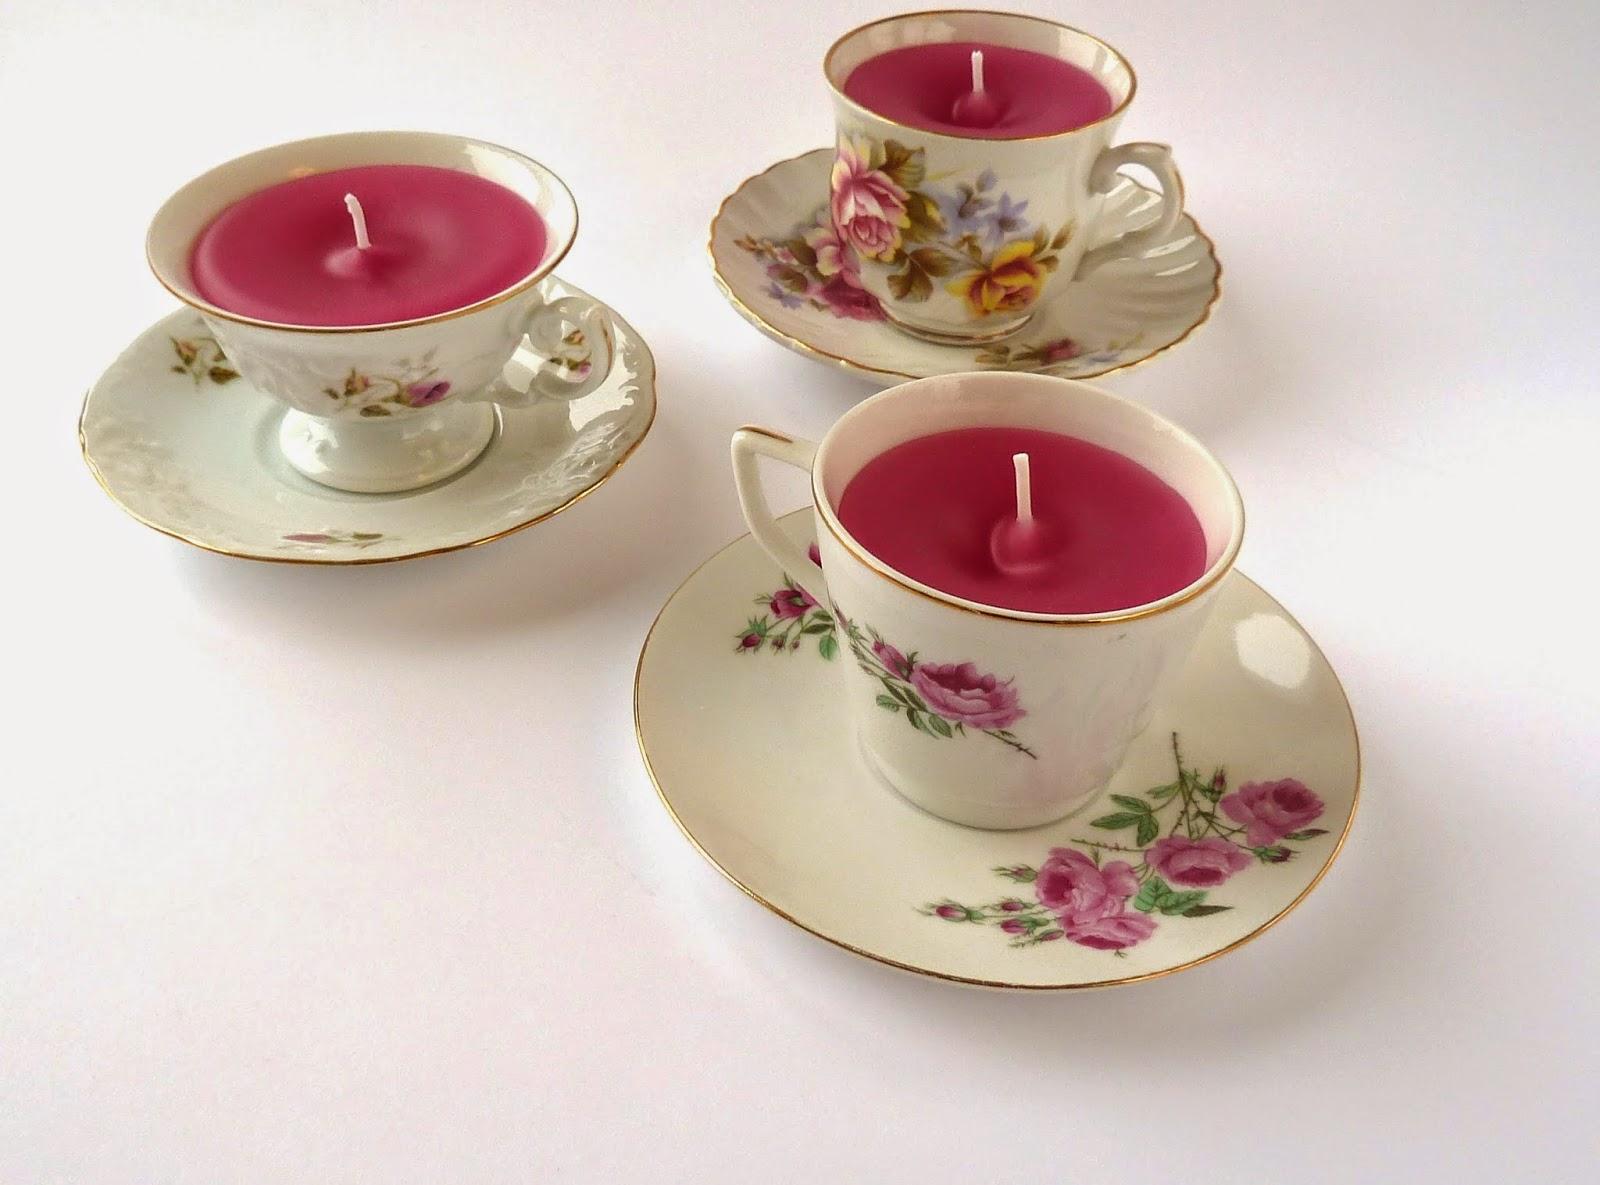 vintage_teacup_candles_4.jpg